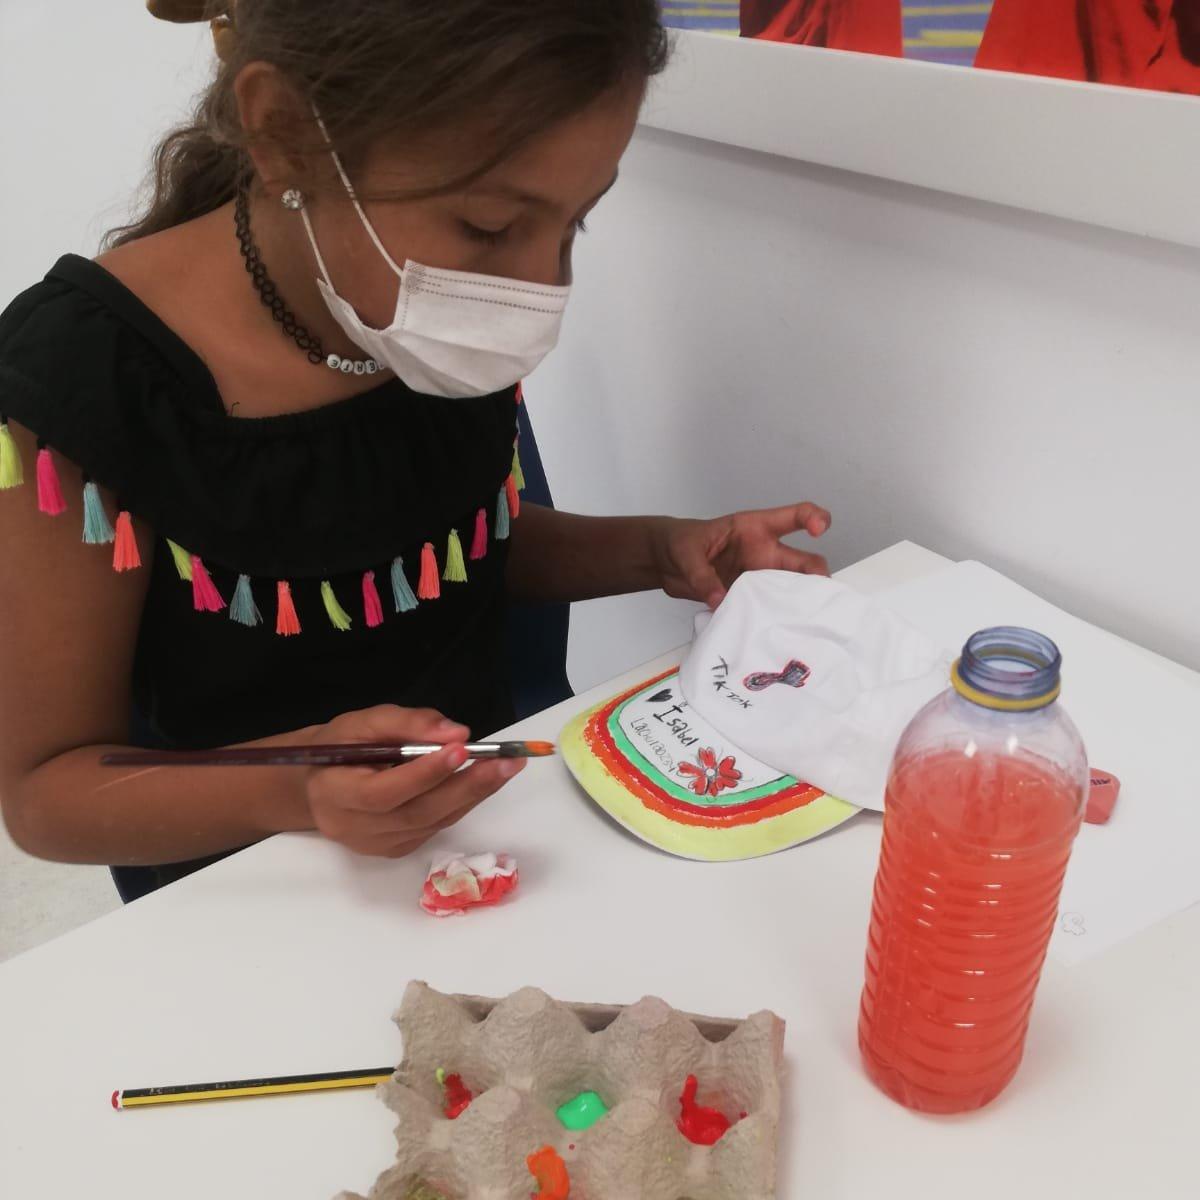 ¿Cómo sería tu gorra personalizada? Los niños y niñas de la escuela de verano del Centro #FundaciónRafaNadal de #Valencia han creado sus propios diseños, ¡y nos encantan! 🧡💚 https://t.co/lA36pb25yN